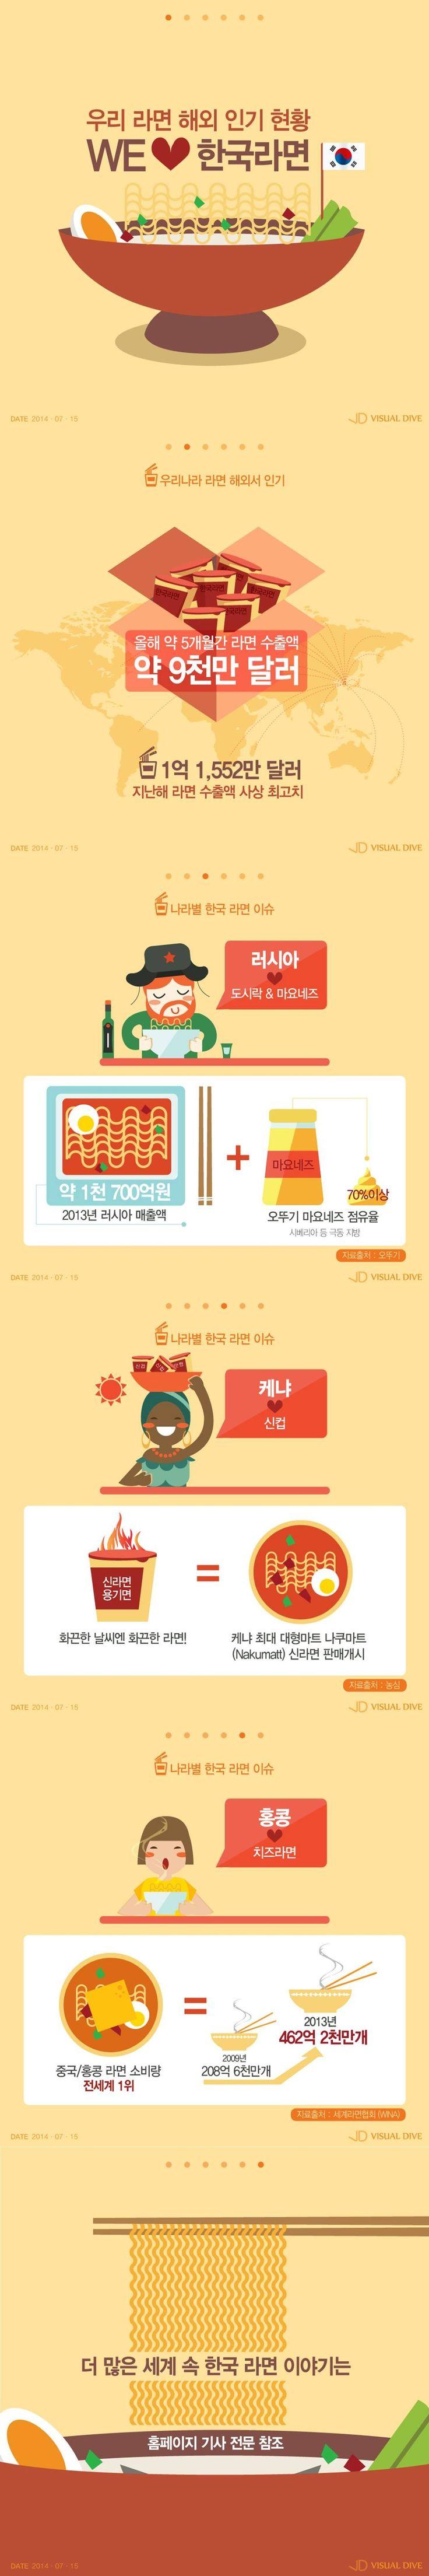 무더운 케냐 사람들, 신라면을 좋아한다고? [인포그래픽] #Noodle / #Infographic ⓒ 비주얼다이브 무단 복사·전재·재배포 금지